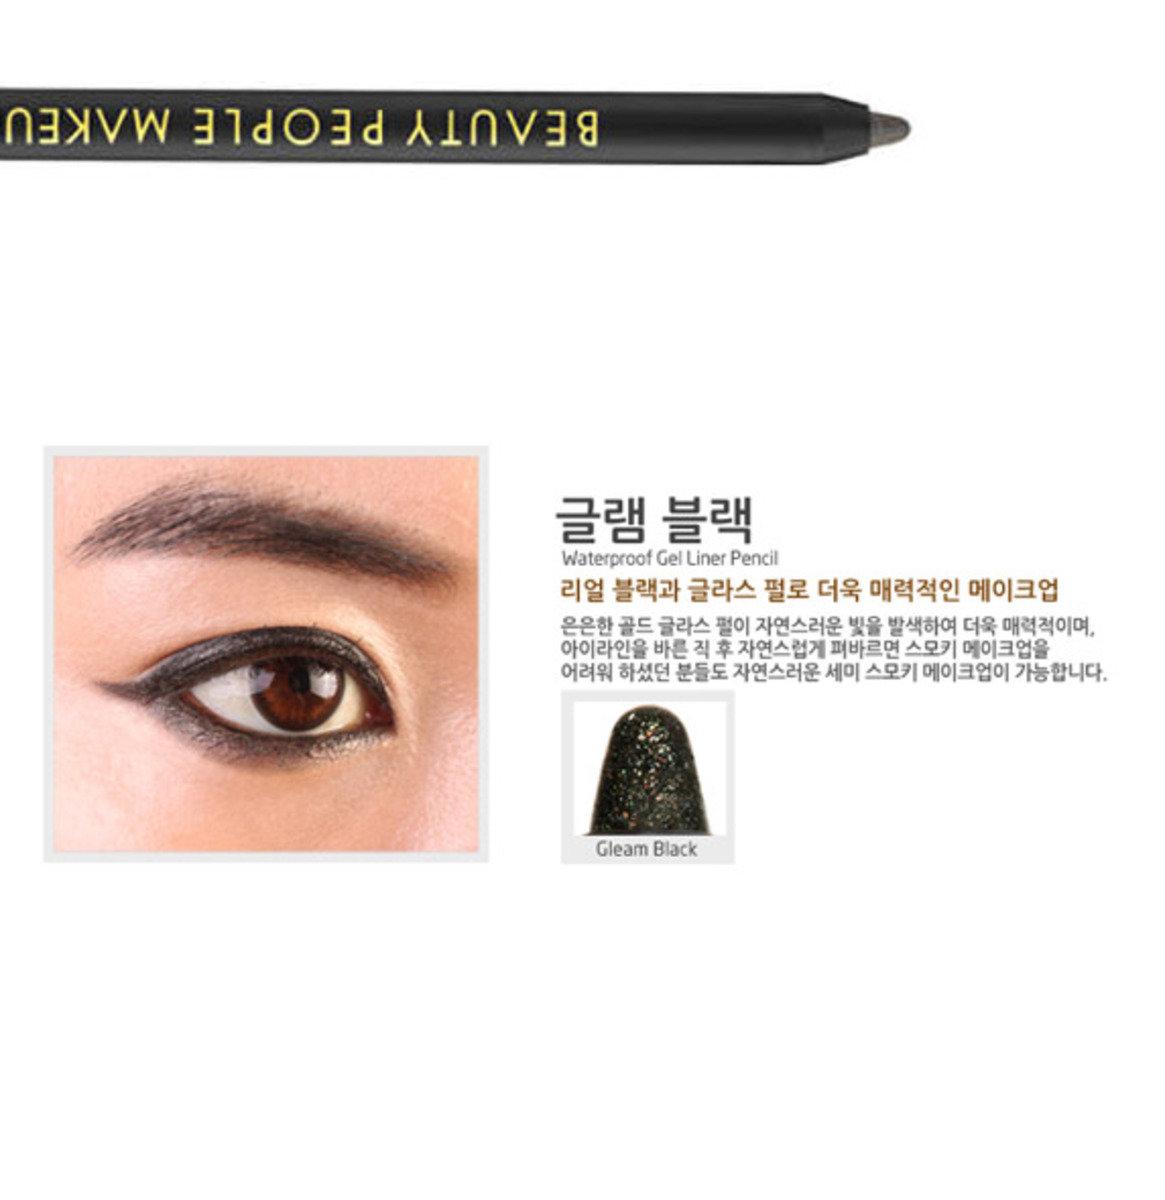 防水眼線膠筆